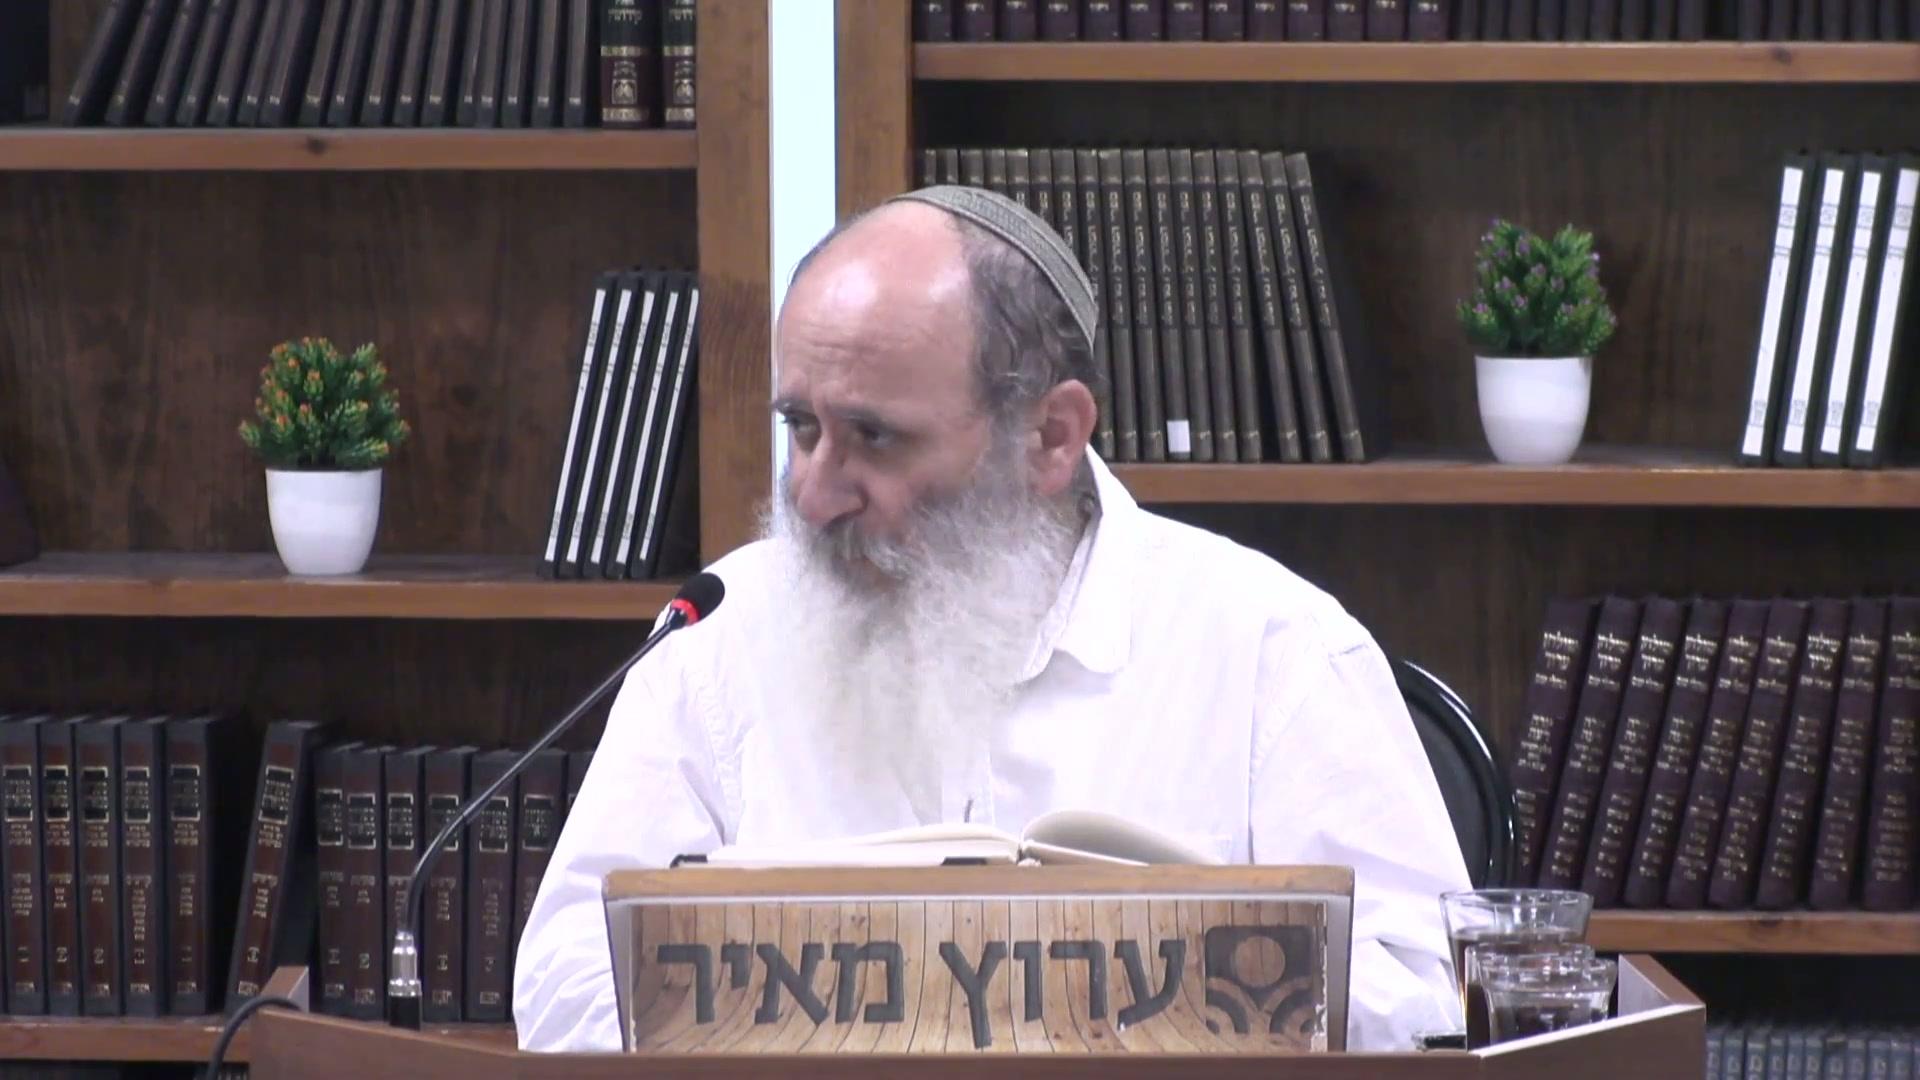 היהדות באמיתתה חייבת לבוא עם צדיקות ושמחת חיים ולא קדרות ודכדוך